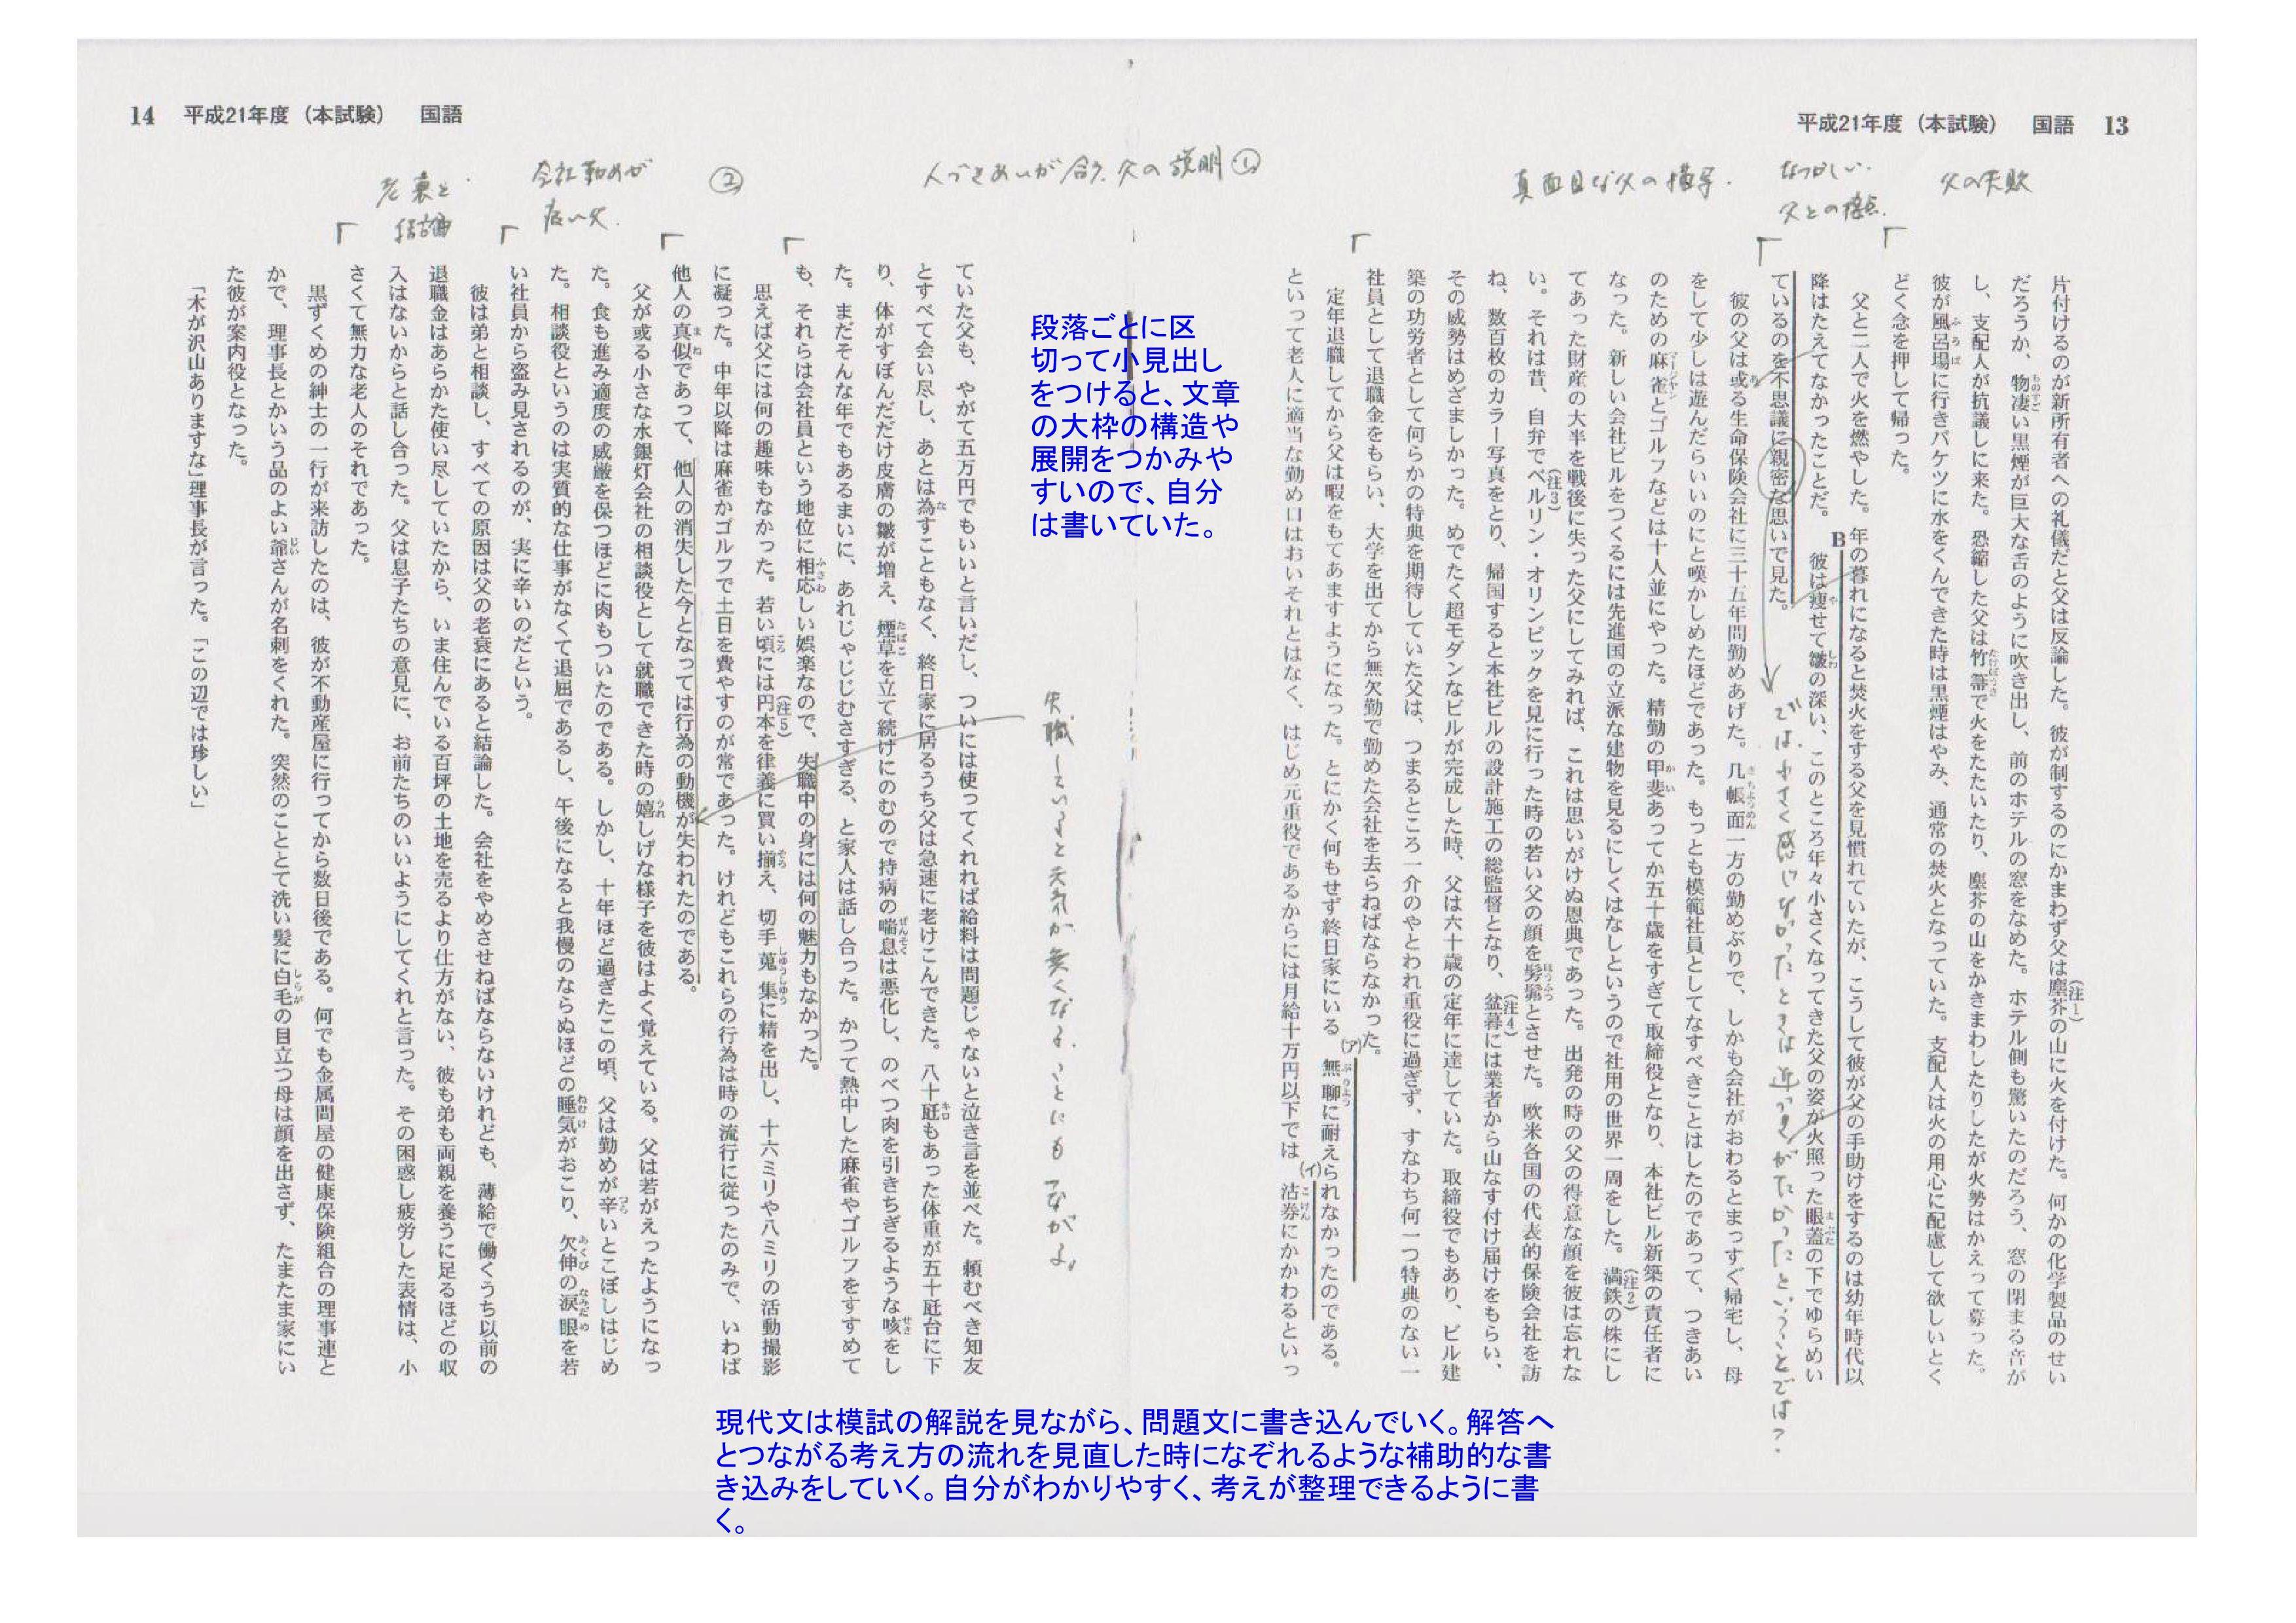 模擬試験復習サンプルファイル  現代文